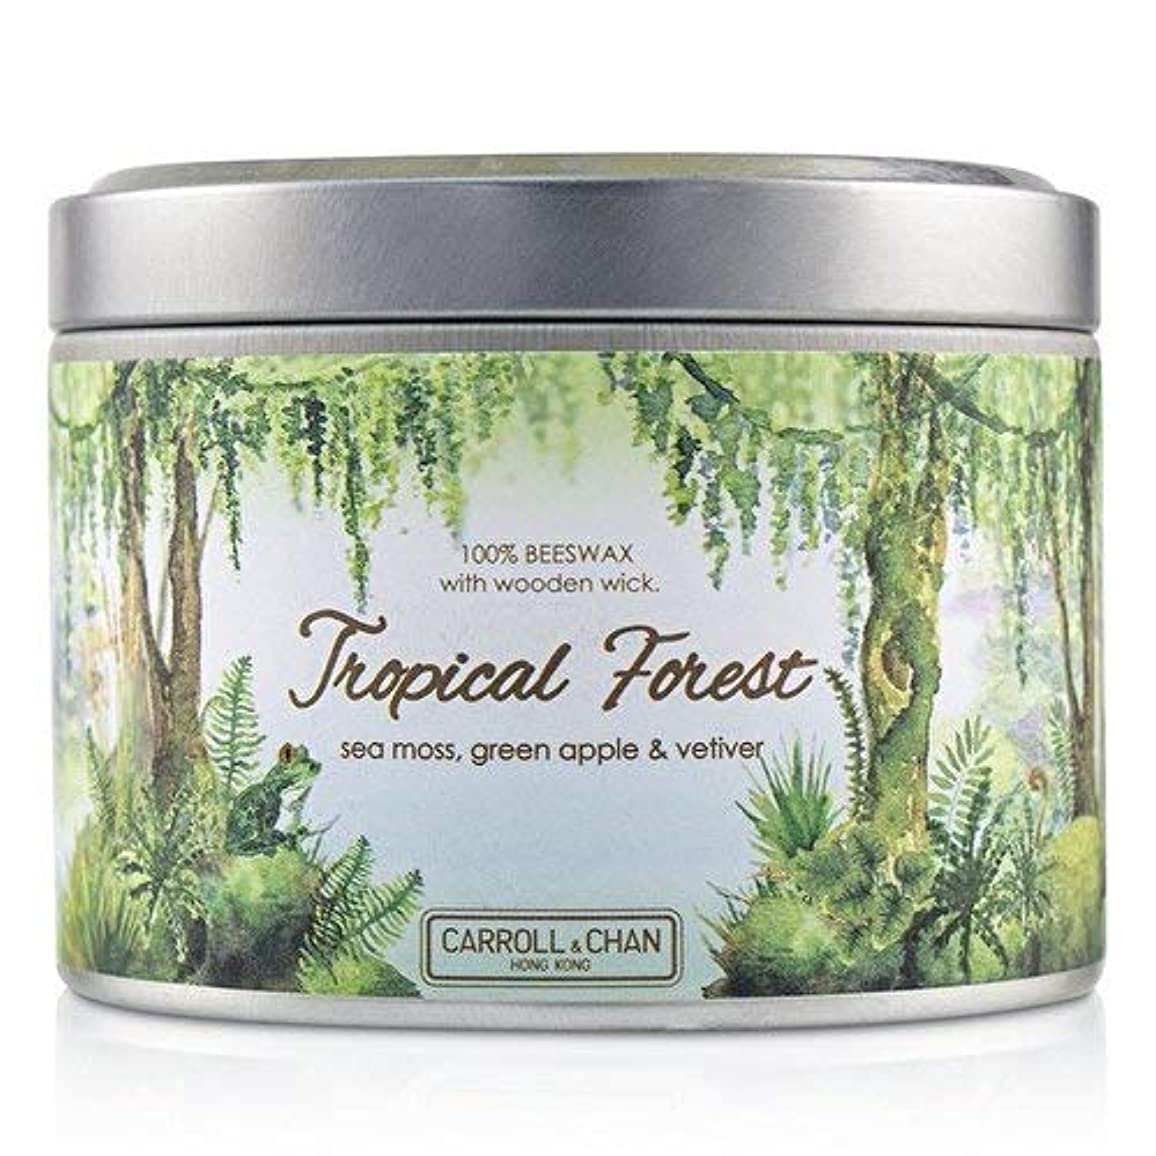 大型トラックボーダースキニーキャンドル?カンパニー Tin Can 100% Beeswax Candle with Wooden Wick - Tropical Forest (8x5) cm並行輸入品